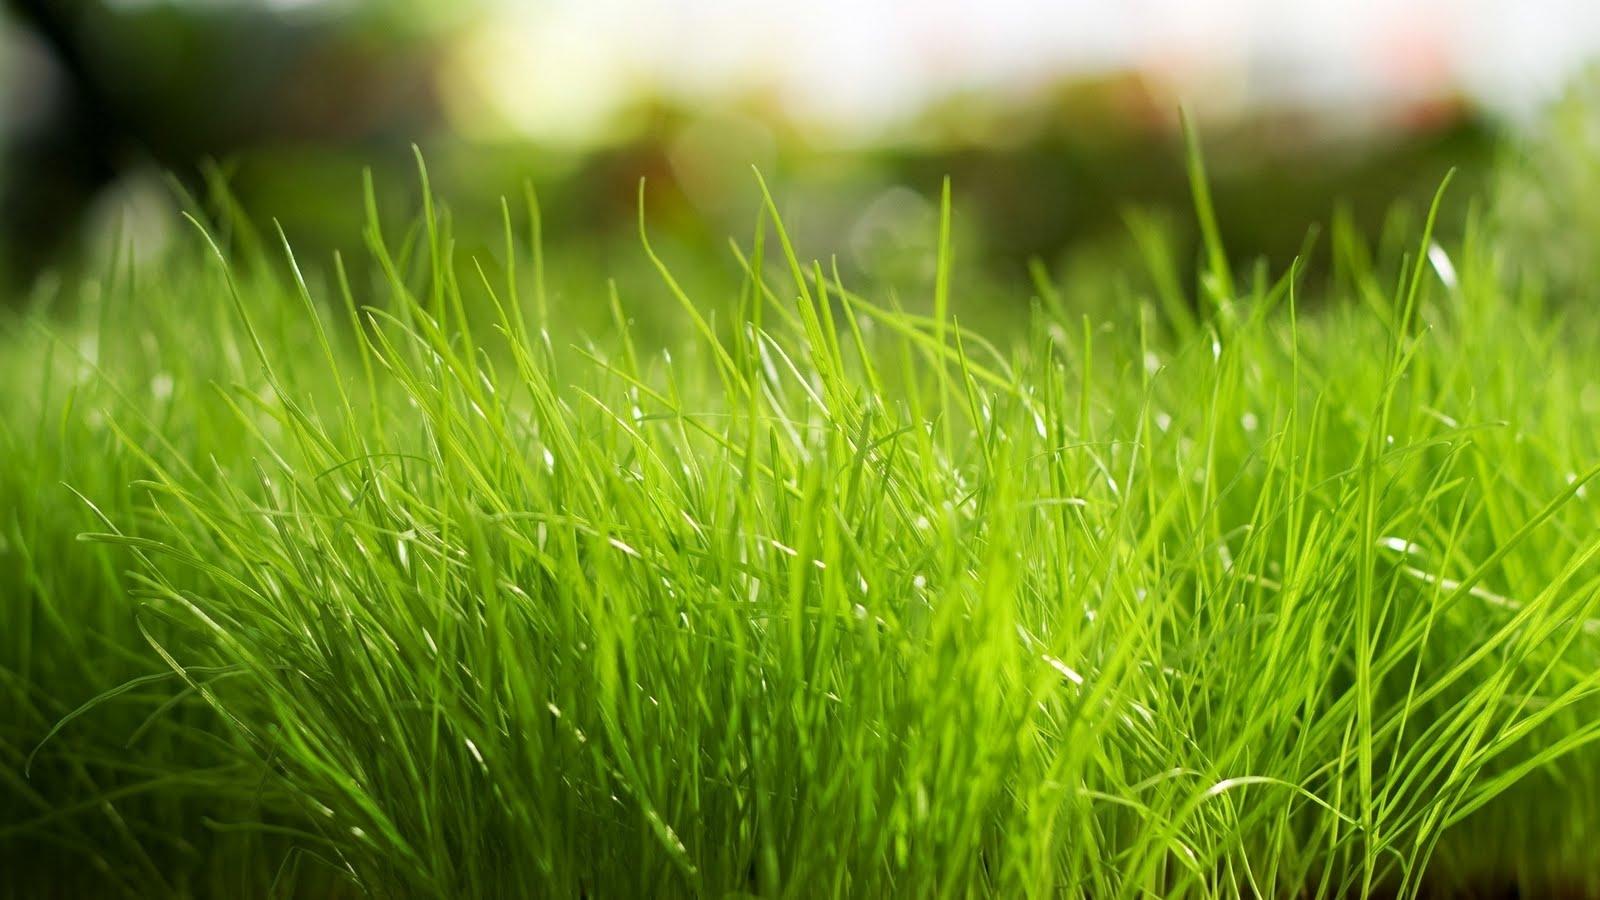 http://4.bp.blogspot.com/-Xt4JpzahN3E/TnPRCQkh7cI/AAAAAAAAAdo/4CYApMIe19g/s1600/Macro+Green+Grass+Bright+-+PremiumWallpapersHD.Blogspot.Com.jpg